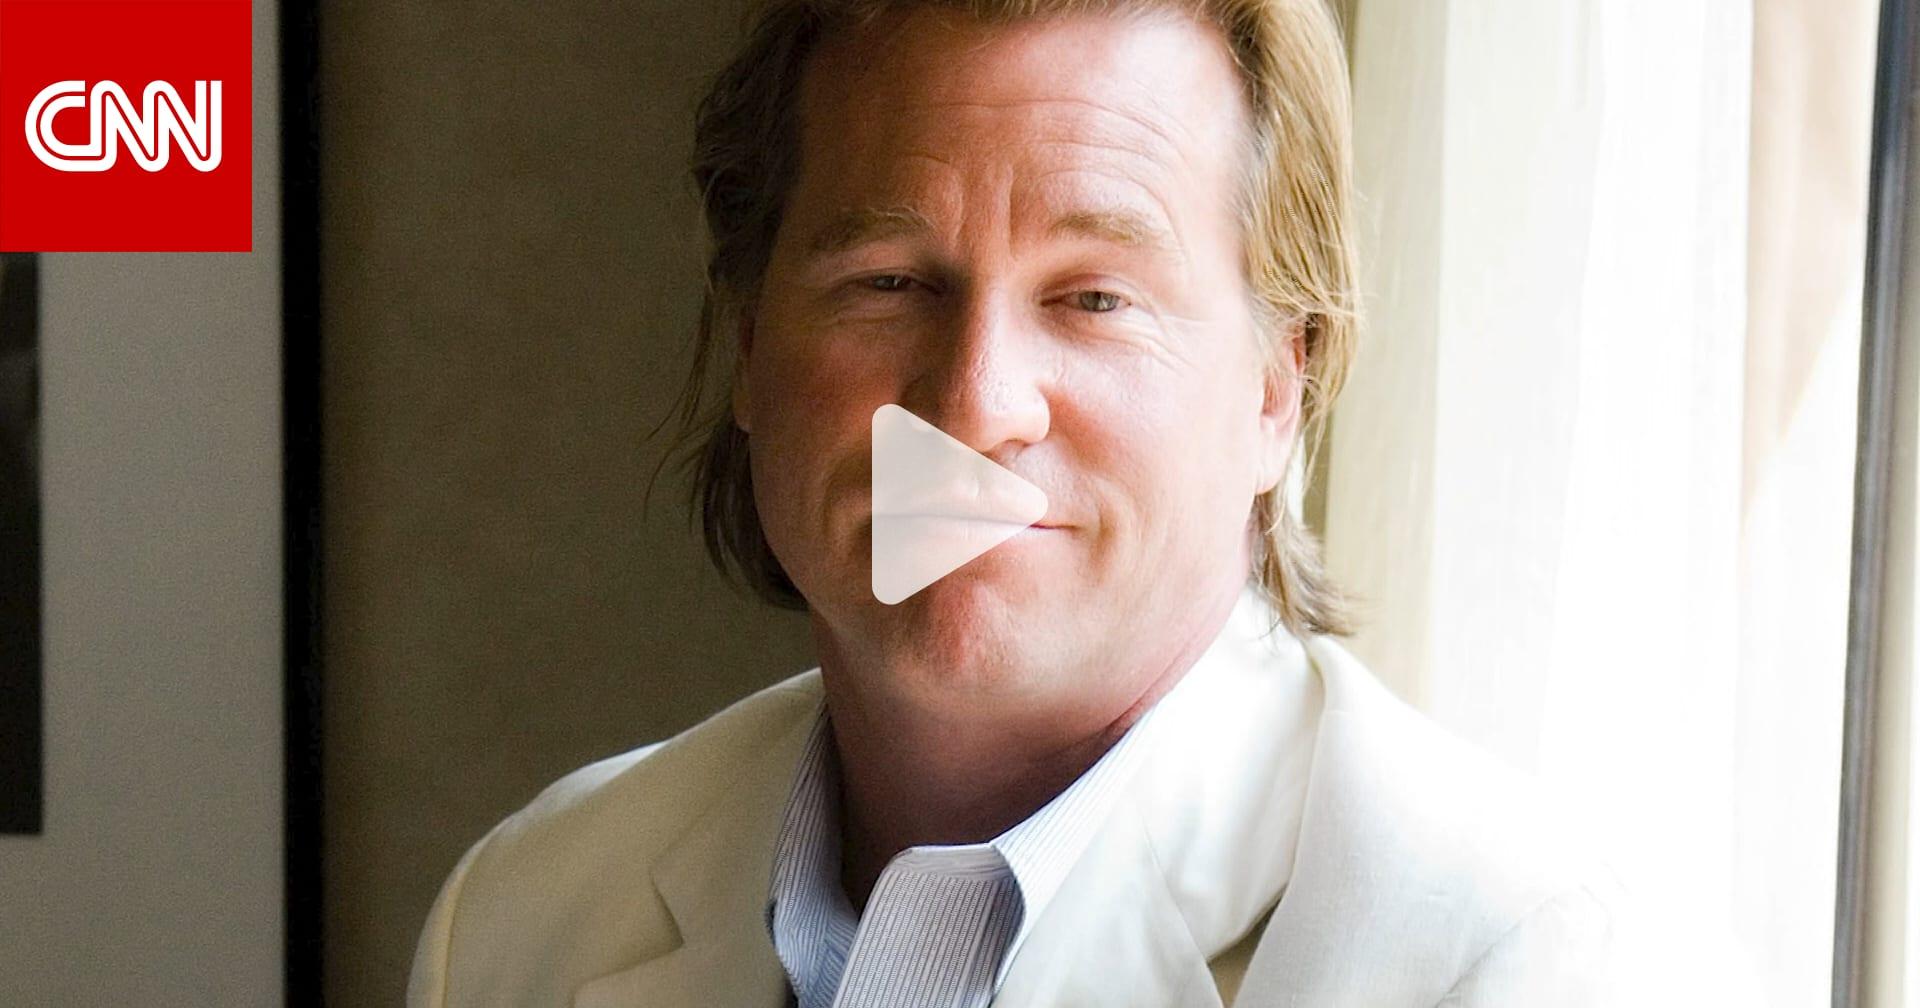 فقده بسبب السرطان.. ممثل شهير يعيد صوته باستخدام الذكاء الاصطناعي